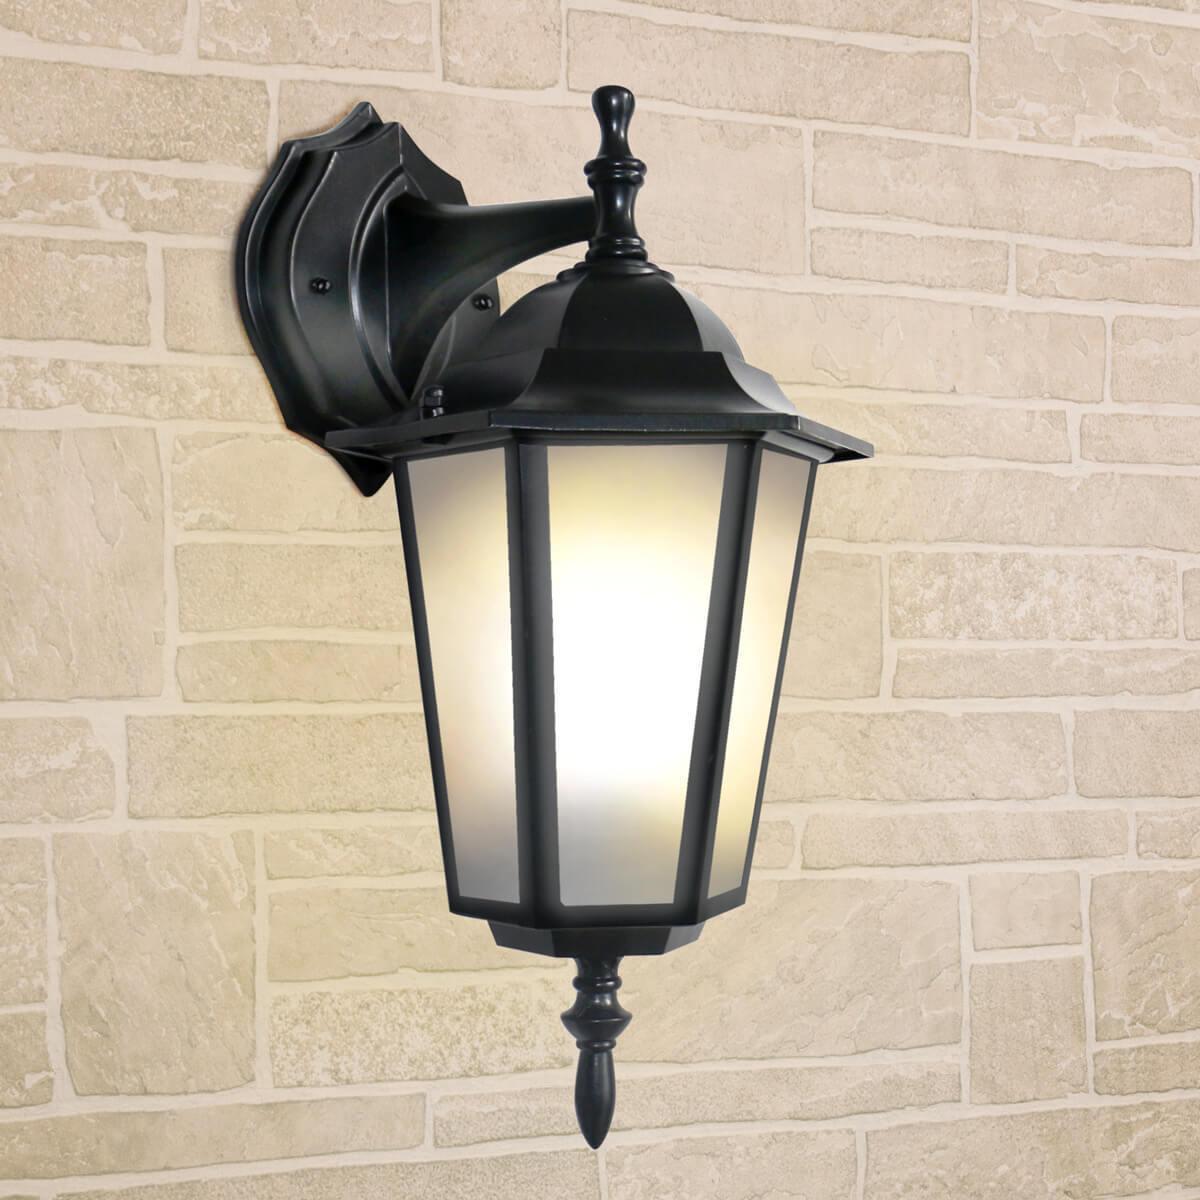 Уличный светильник Elektrostandard 4690389085697, E27 уличный настеный светильник elektrostandard 1004d черный 4690389085697